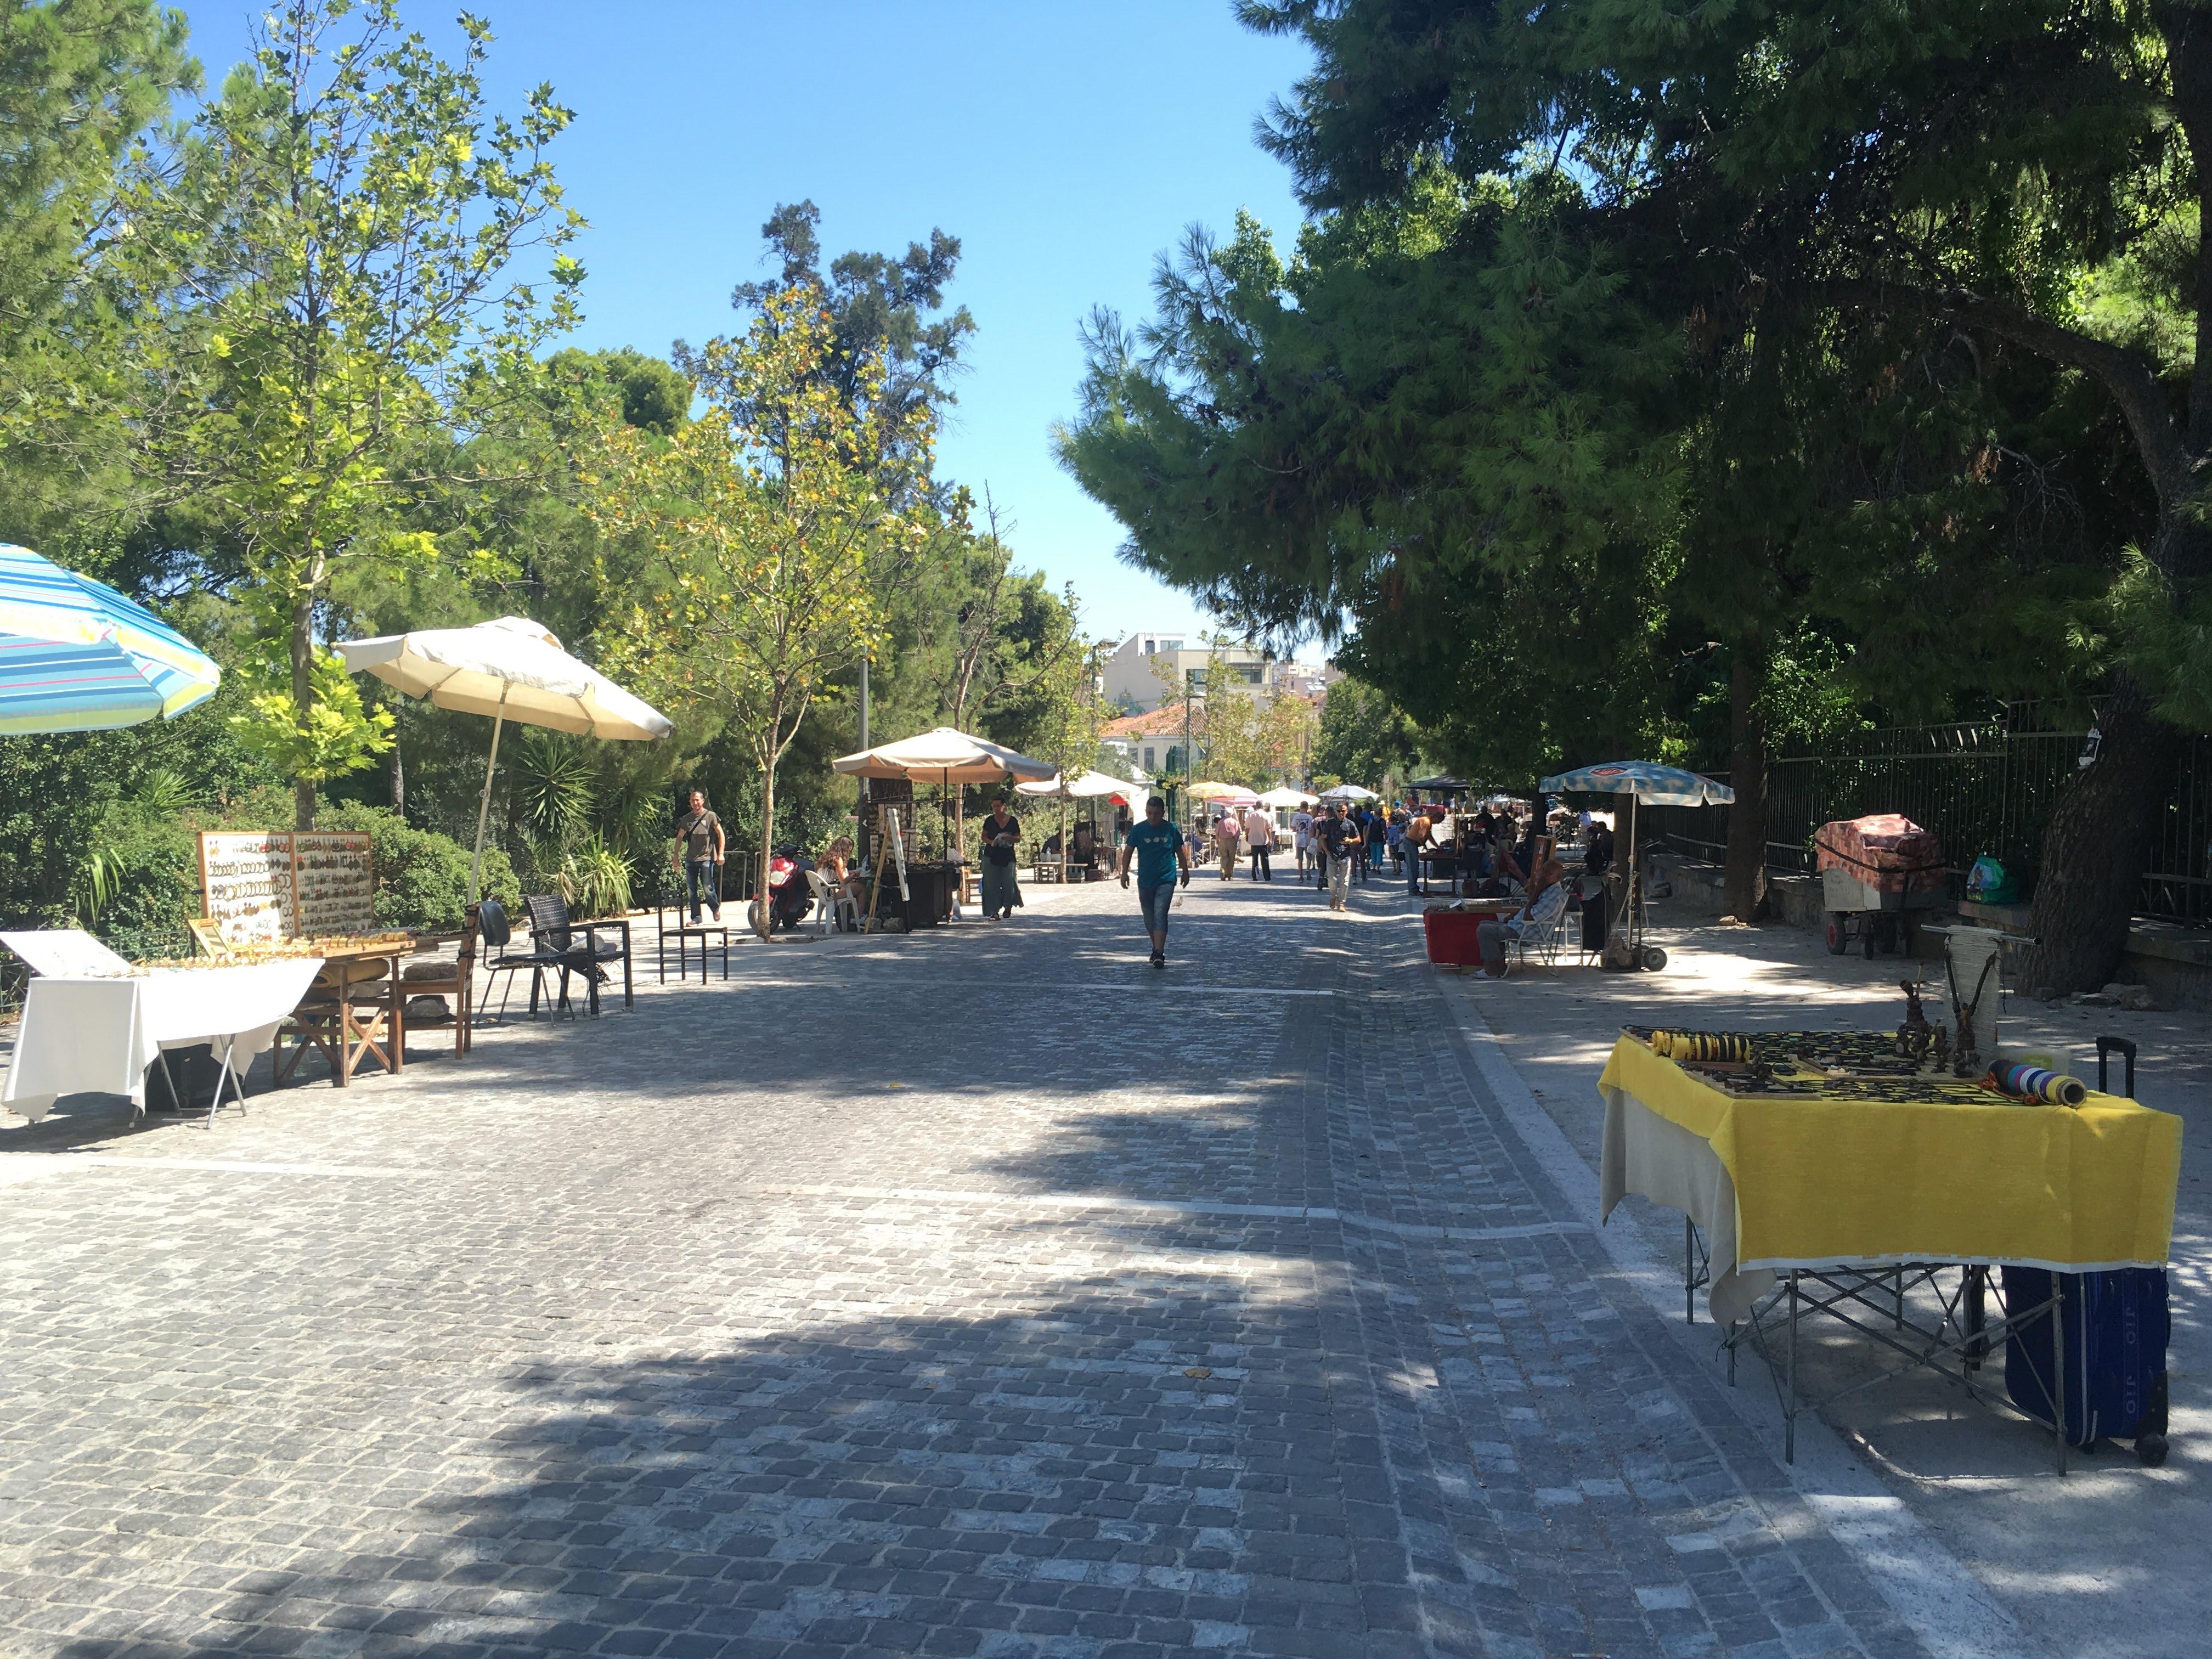 Calle Ag Asomaton con puestos de souvenirs